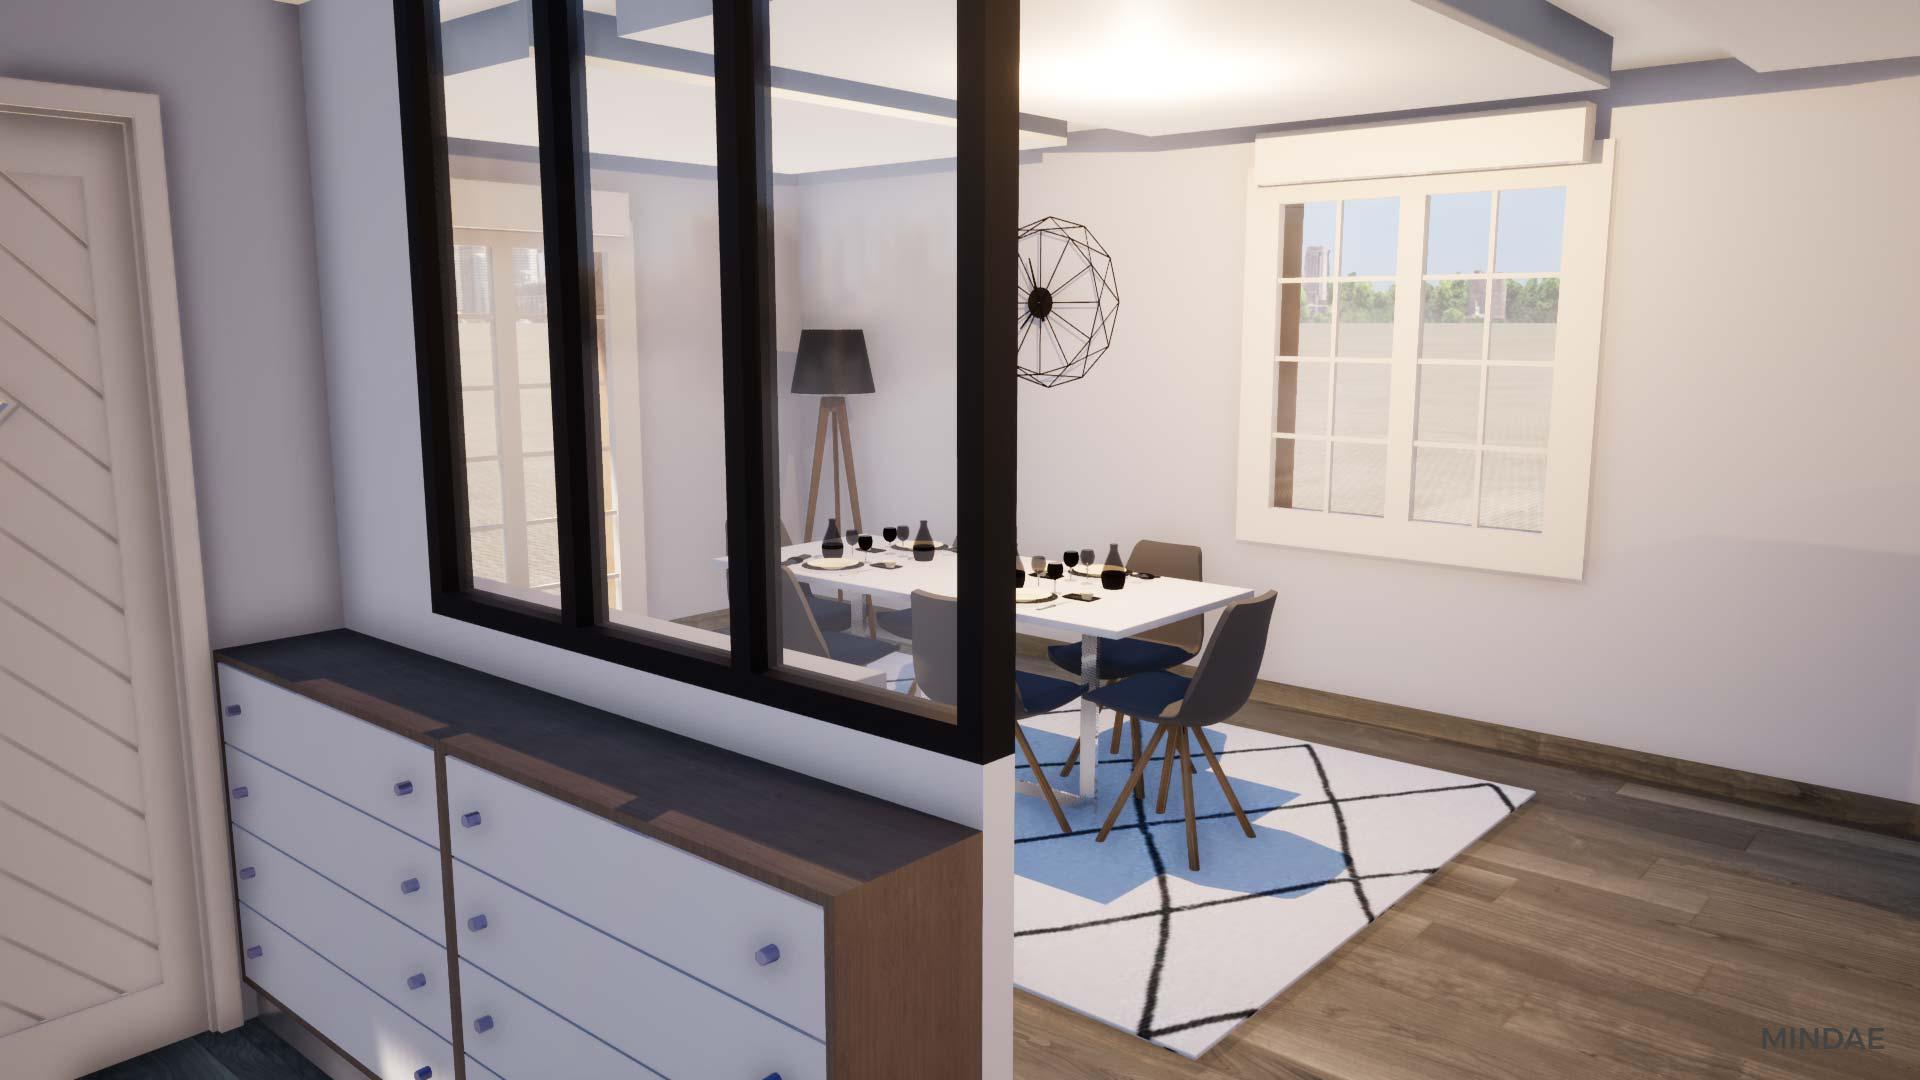 Mindae_3D_maison_salon_verriere_metal_test_agencement_design_cuisine_entree-(1)